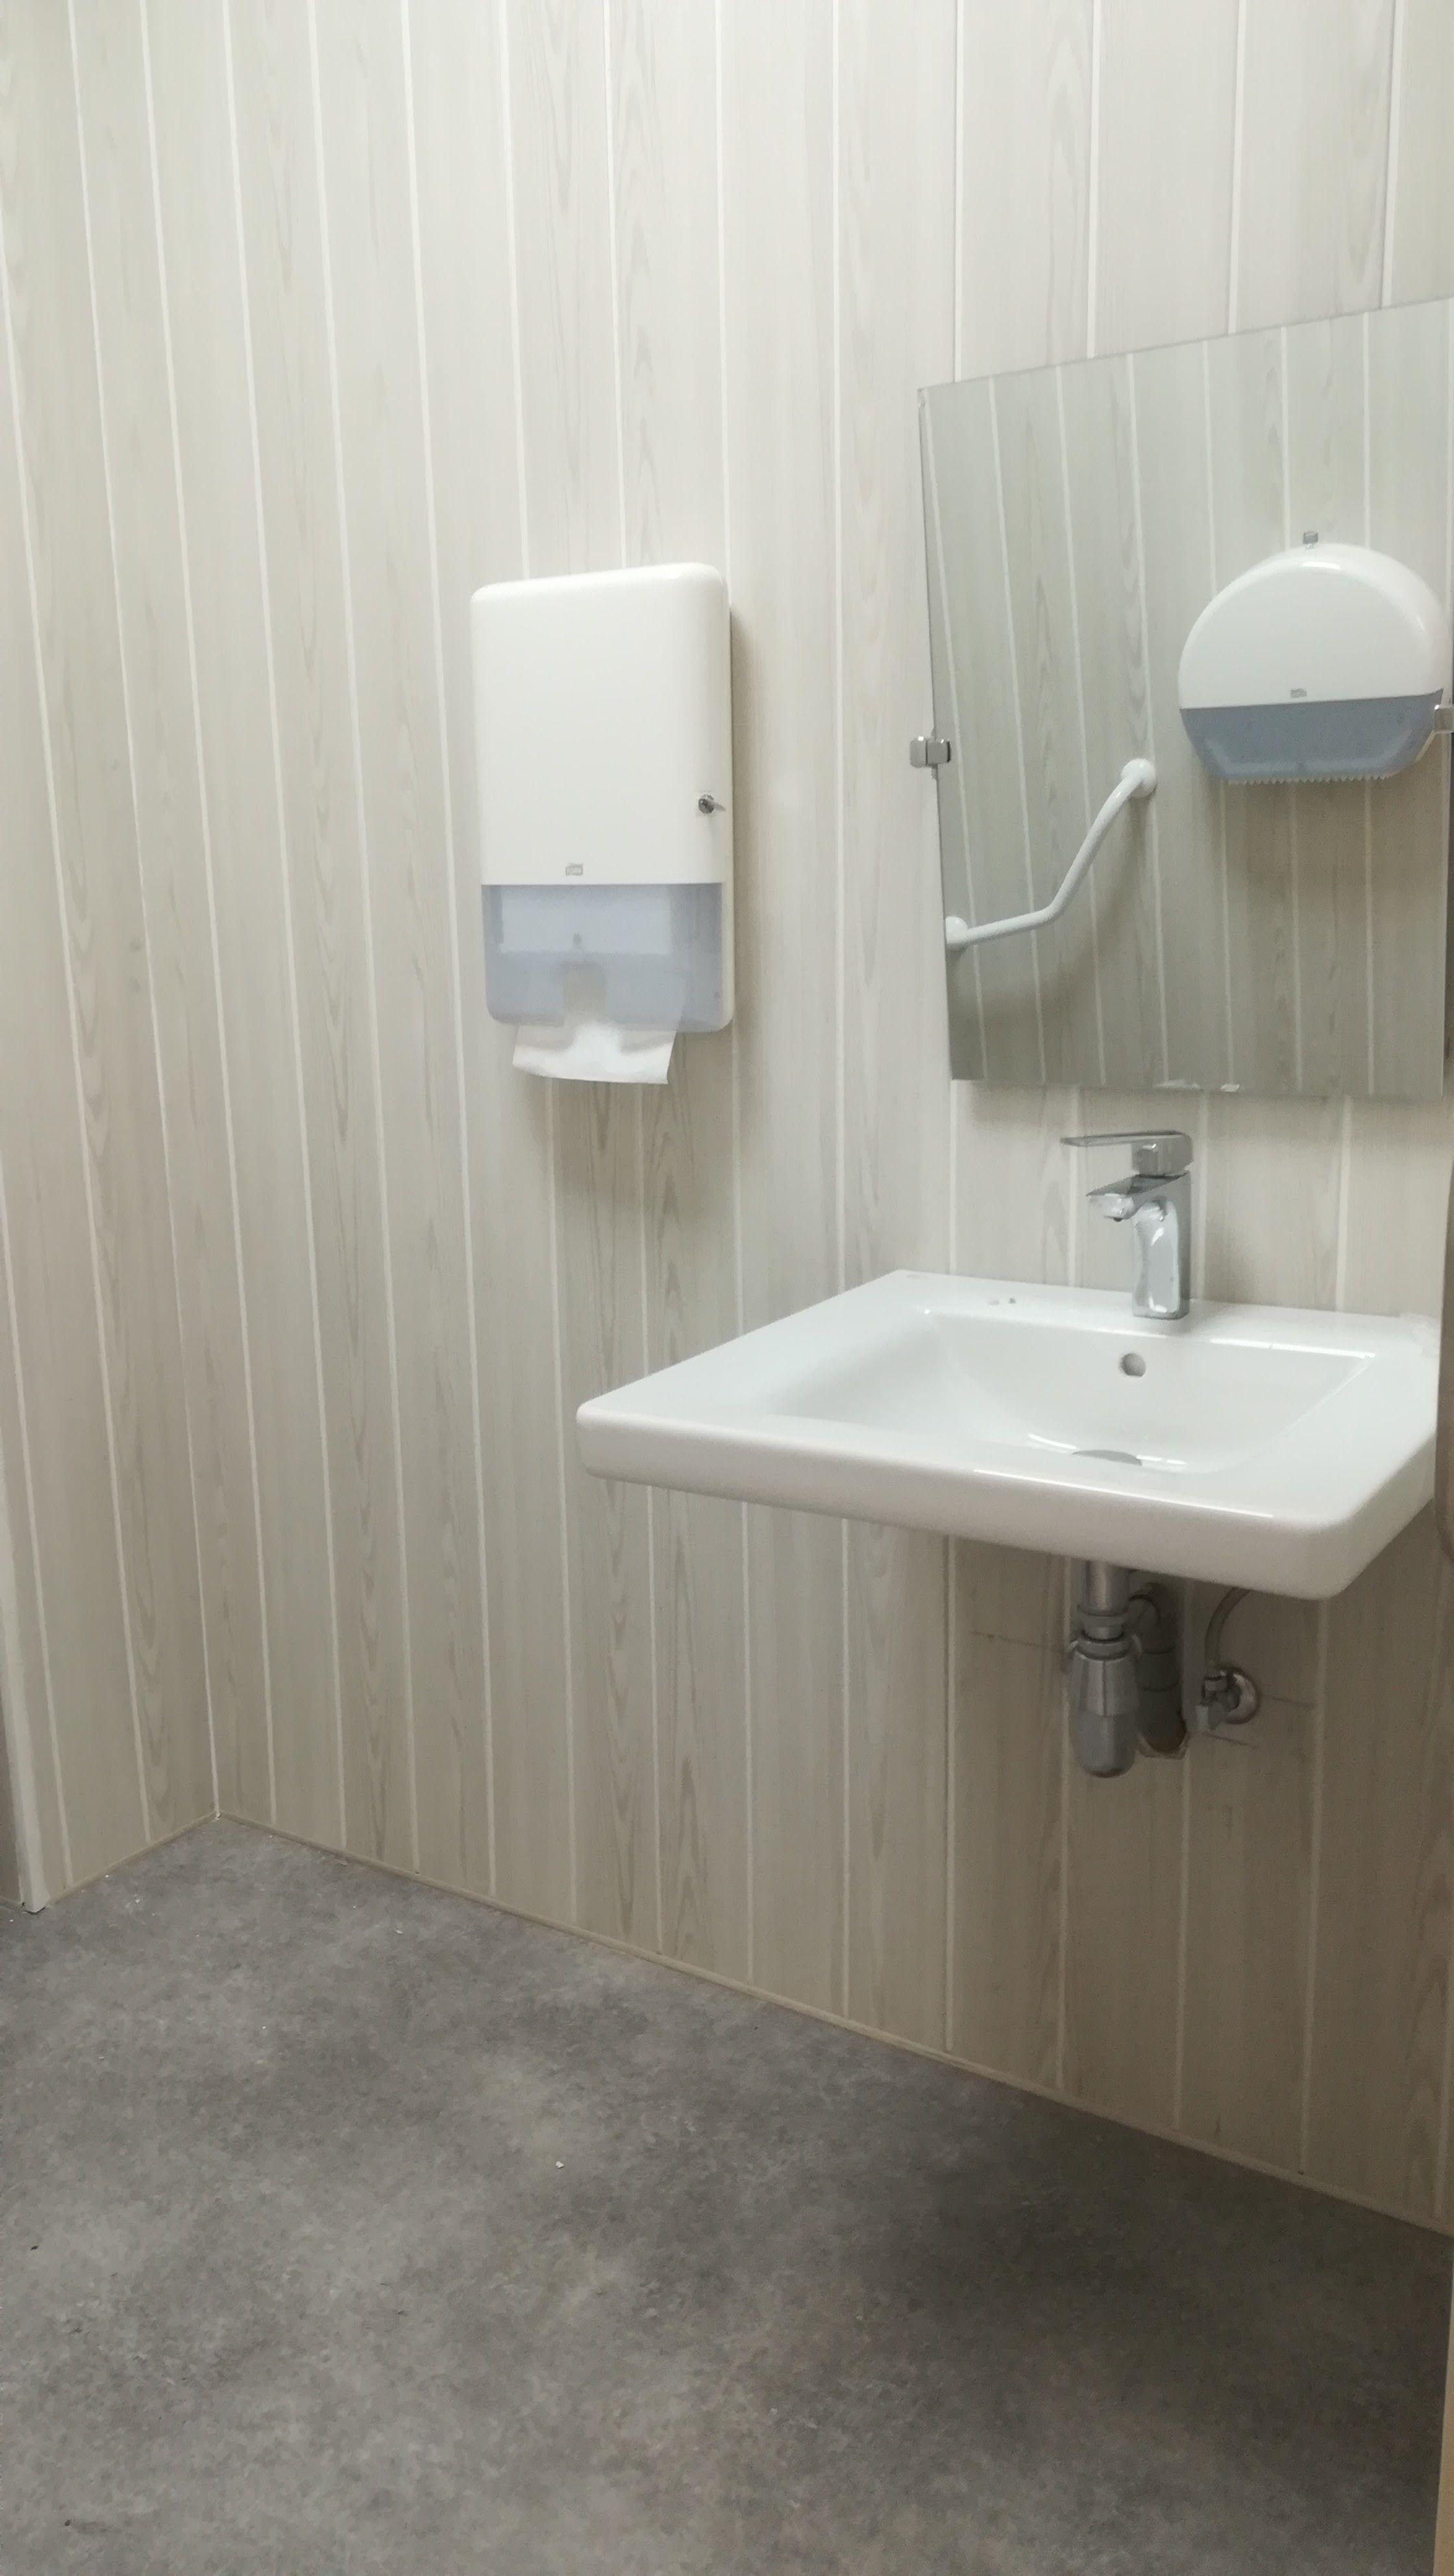 Lavabo Personne Mobilité Réduite installation d'un lavabo pour accès personnes à mobilité